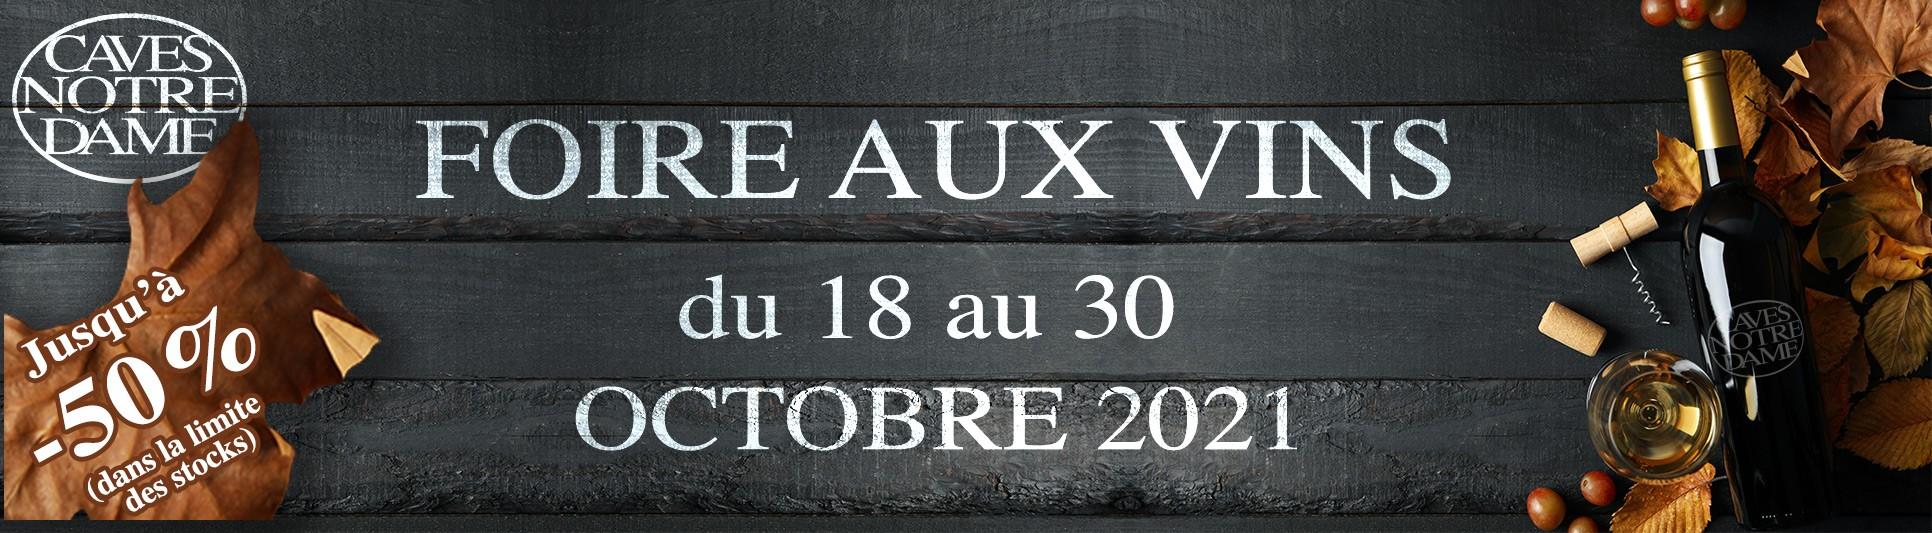 Foire aux vins d'octobre